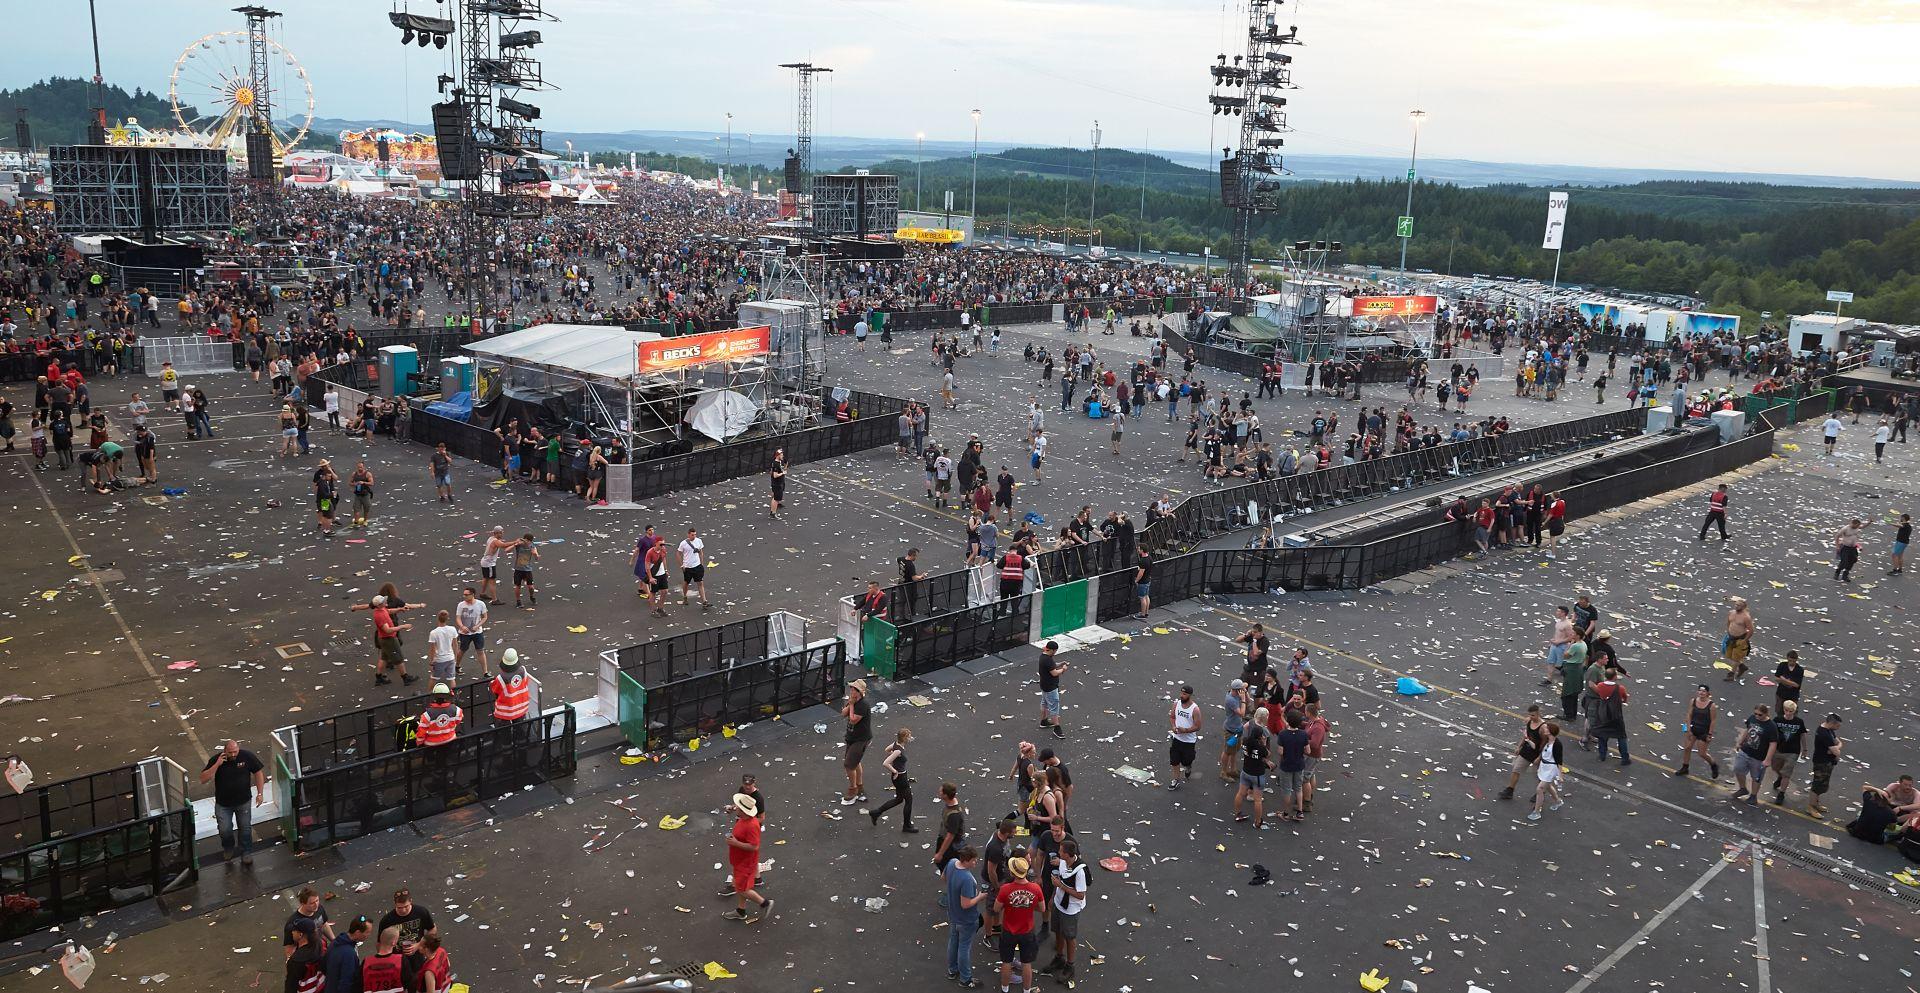 ROCK AM RING Policija evakuirala posjetitelje najvećeg njemačkoh rock festivala zbog 'terorističke prijetnje'